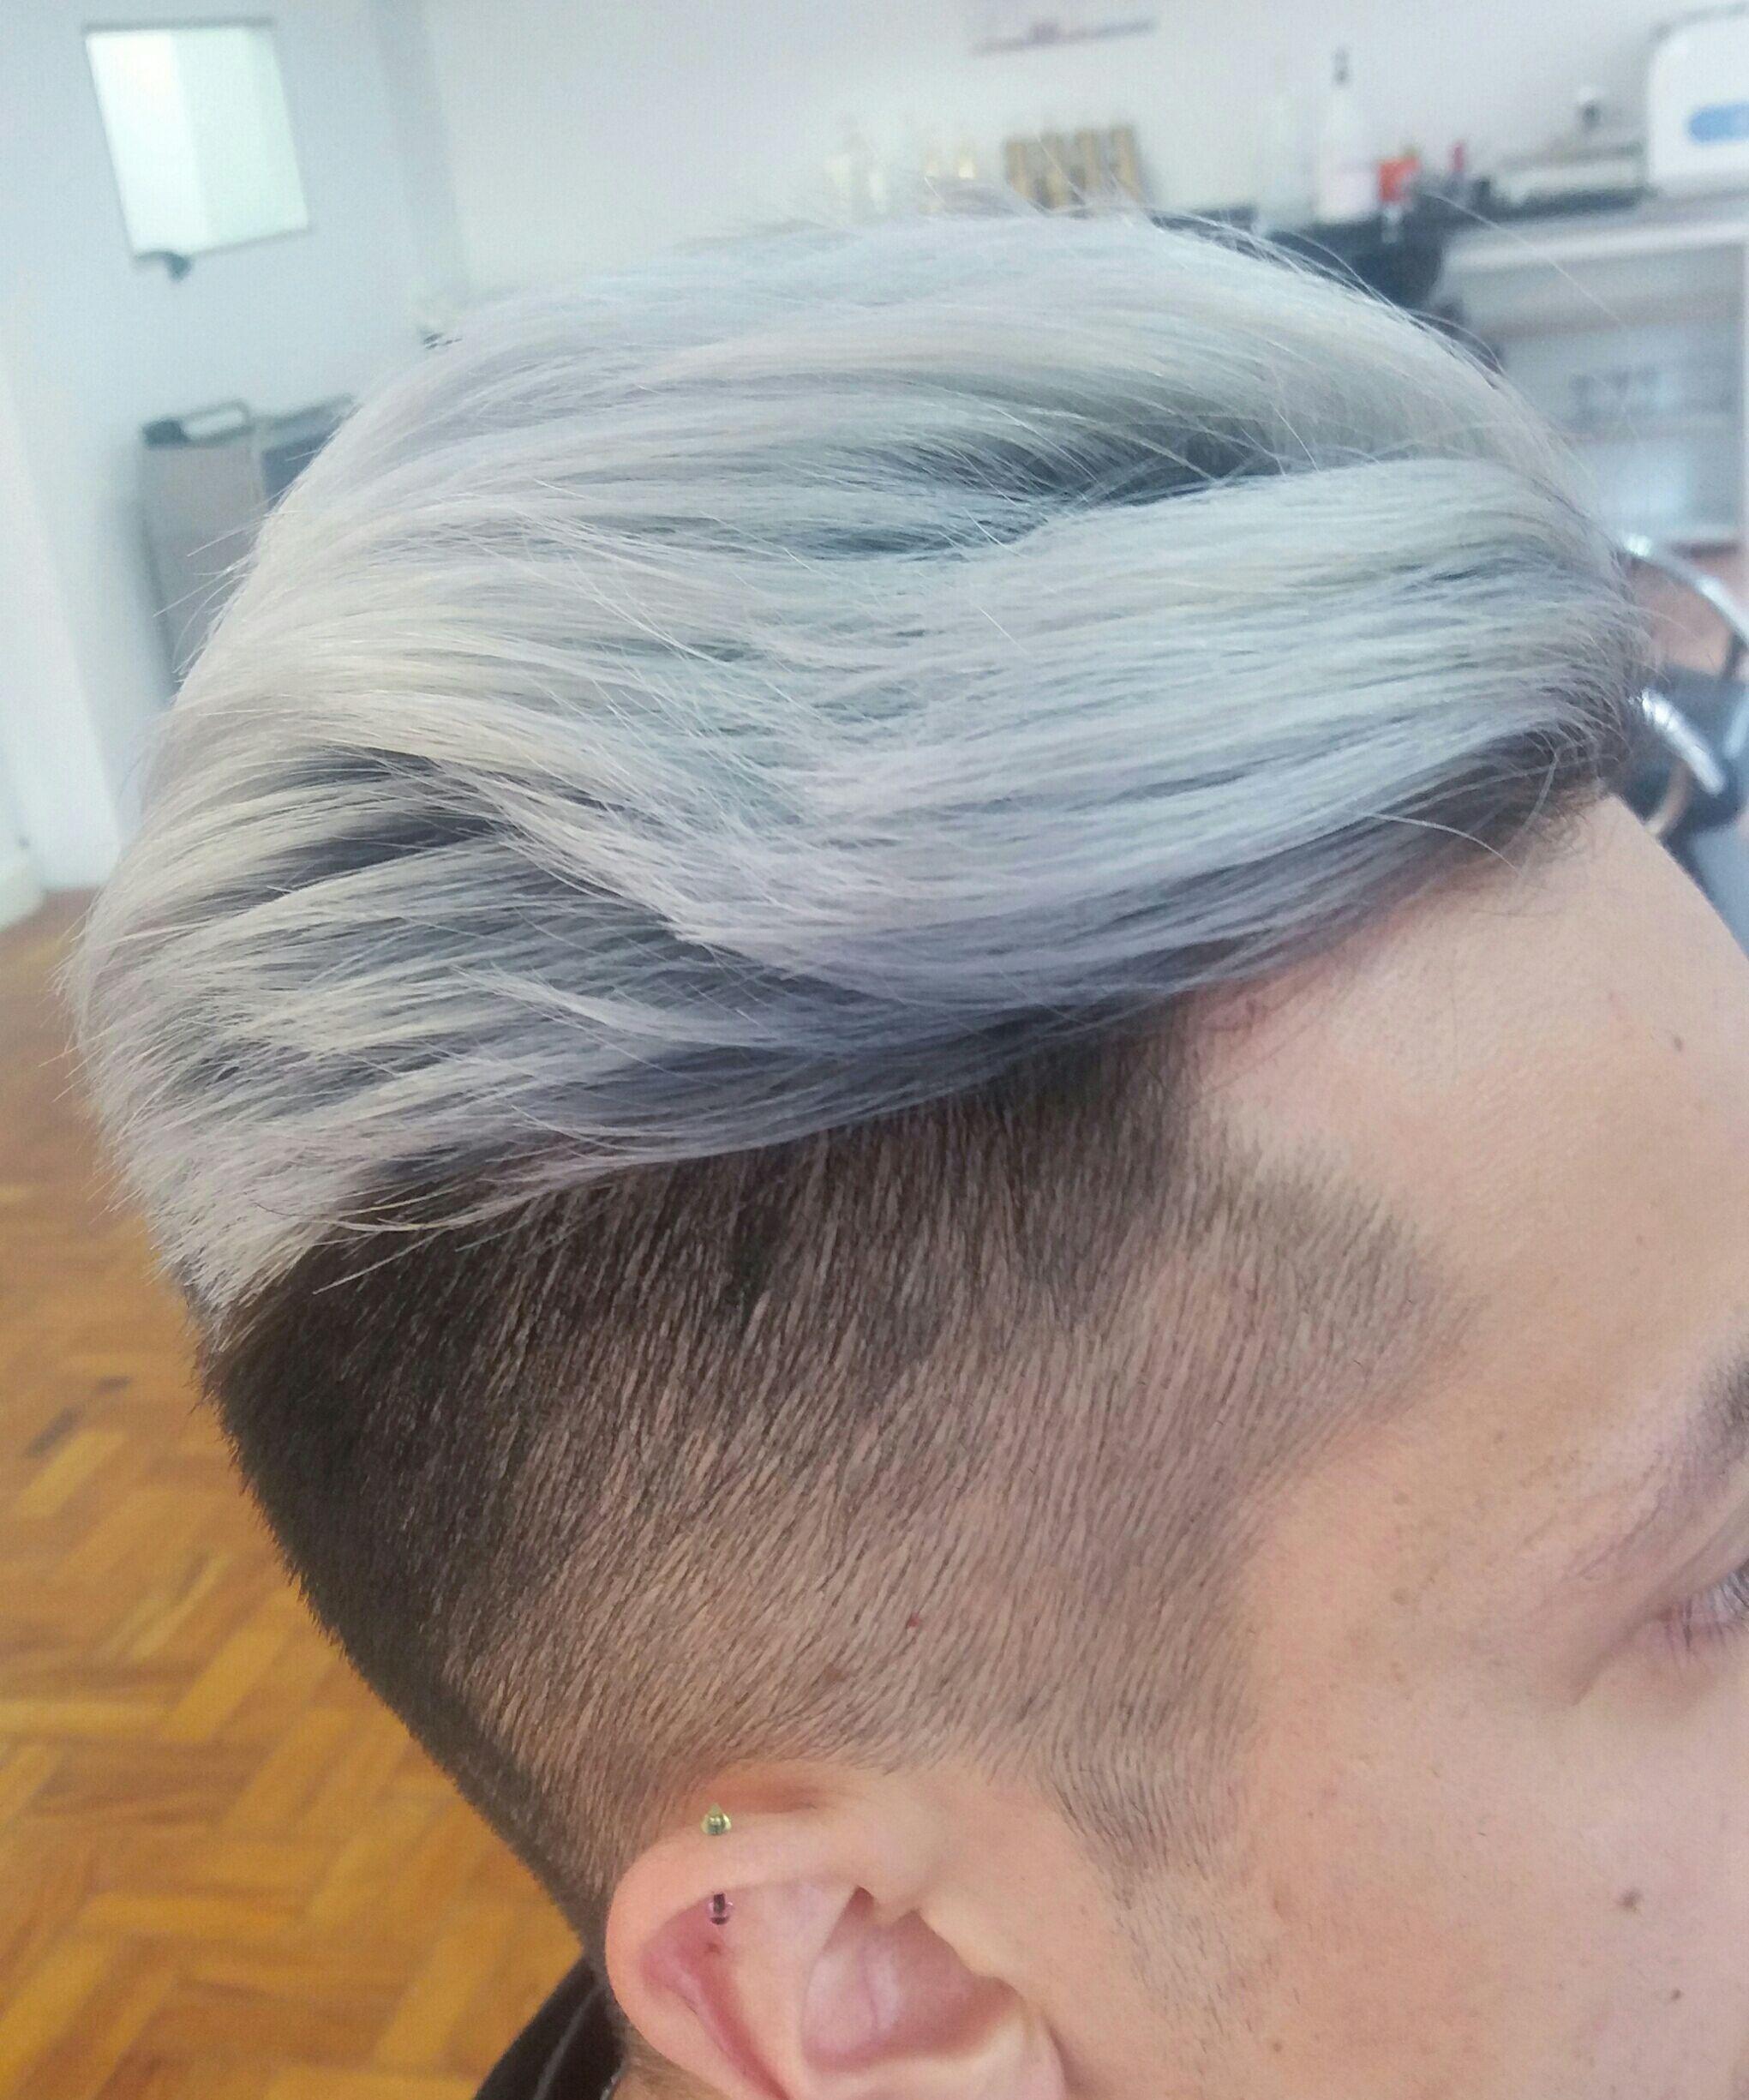 corte e platinado com raiz esfumada cabelo auxiliar cabeleireiro(a) auxiliar cabeleireiro(a) auxiliar cabeleireiro(a) auxiliar cabeleireiro(a) auxiliar cabeleireiro(a) barbeiro(a) cabeleireiro(a) escovista escovista stylist / visagista auxiliar cabeleireiro(a) barbeiro(a) auxiliar cabeleireiro(a) cabeleireiro(a) cabeleireiro(a) cabeleireiro(a) cabeleireiro(a)